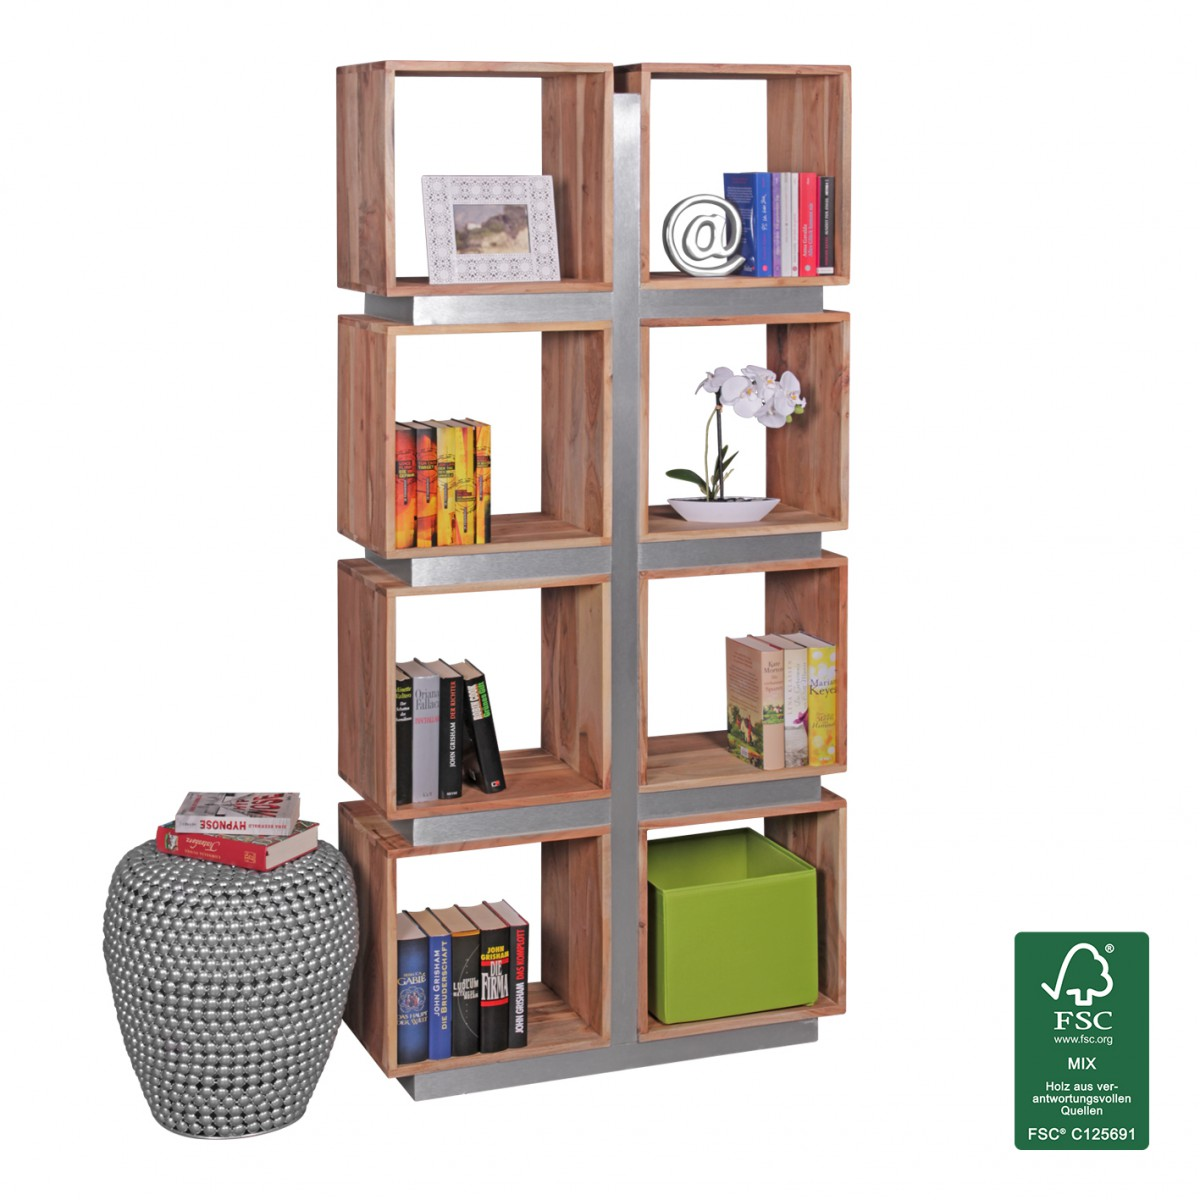 design boekenkast kopen? | meubeldeals.nl